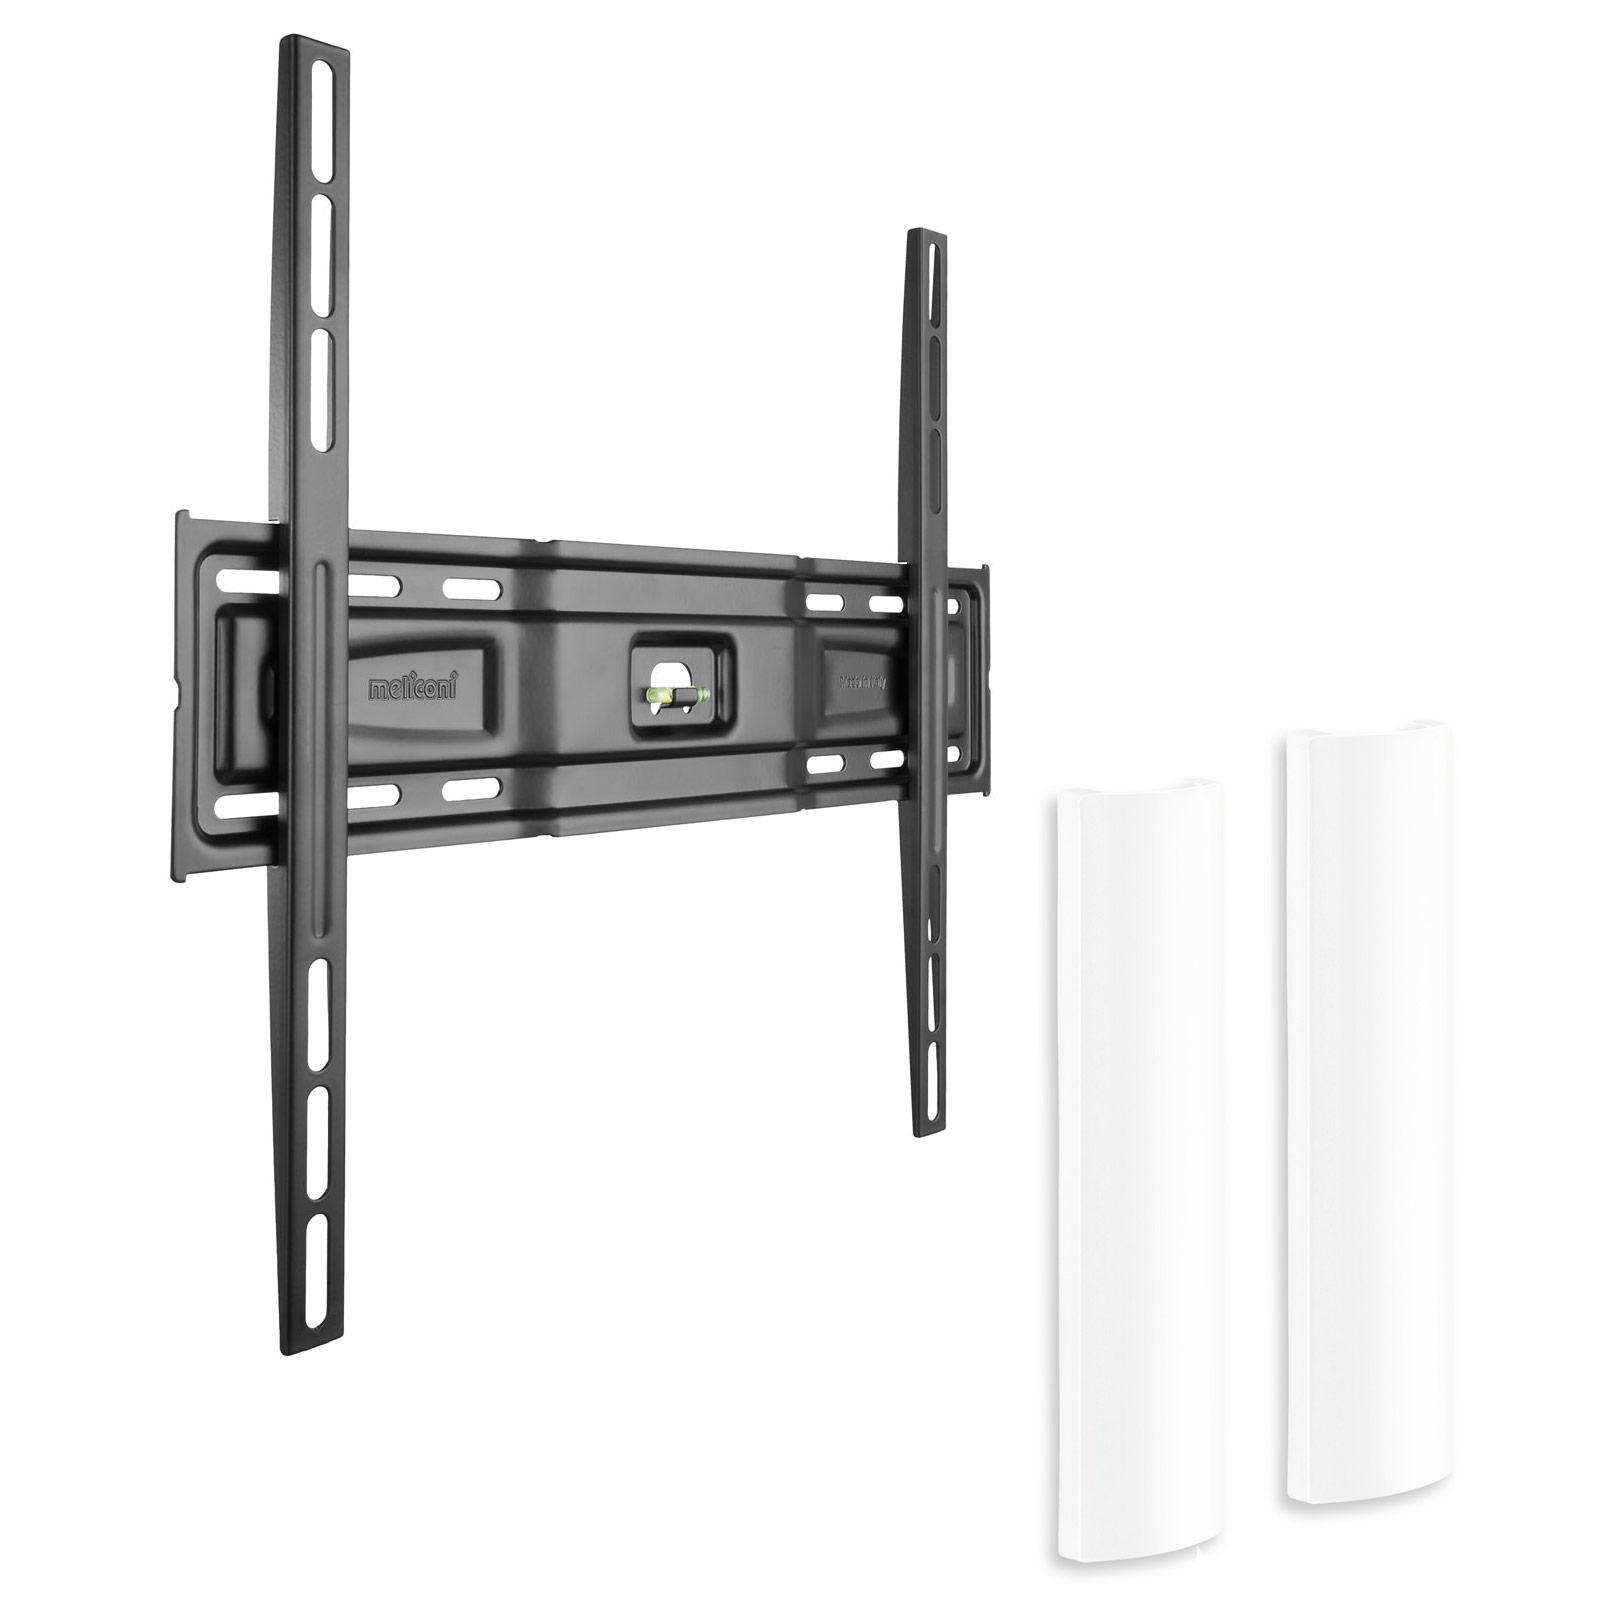 Comment Cacher Fils Tv Murale meliconi kit 400s + cable management